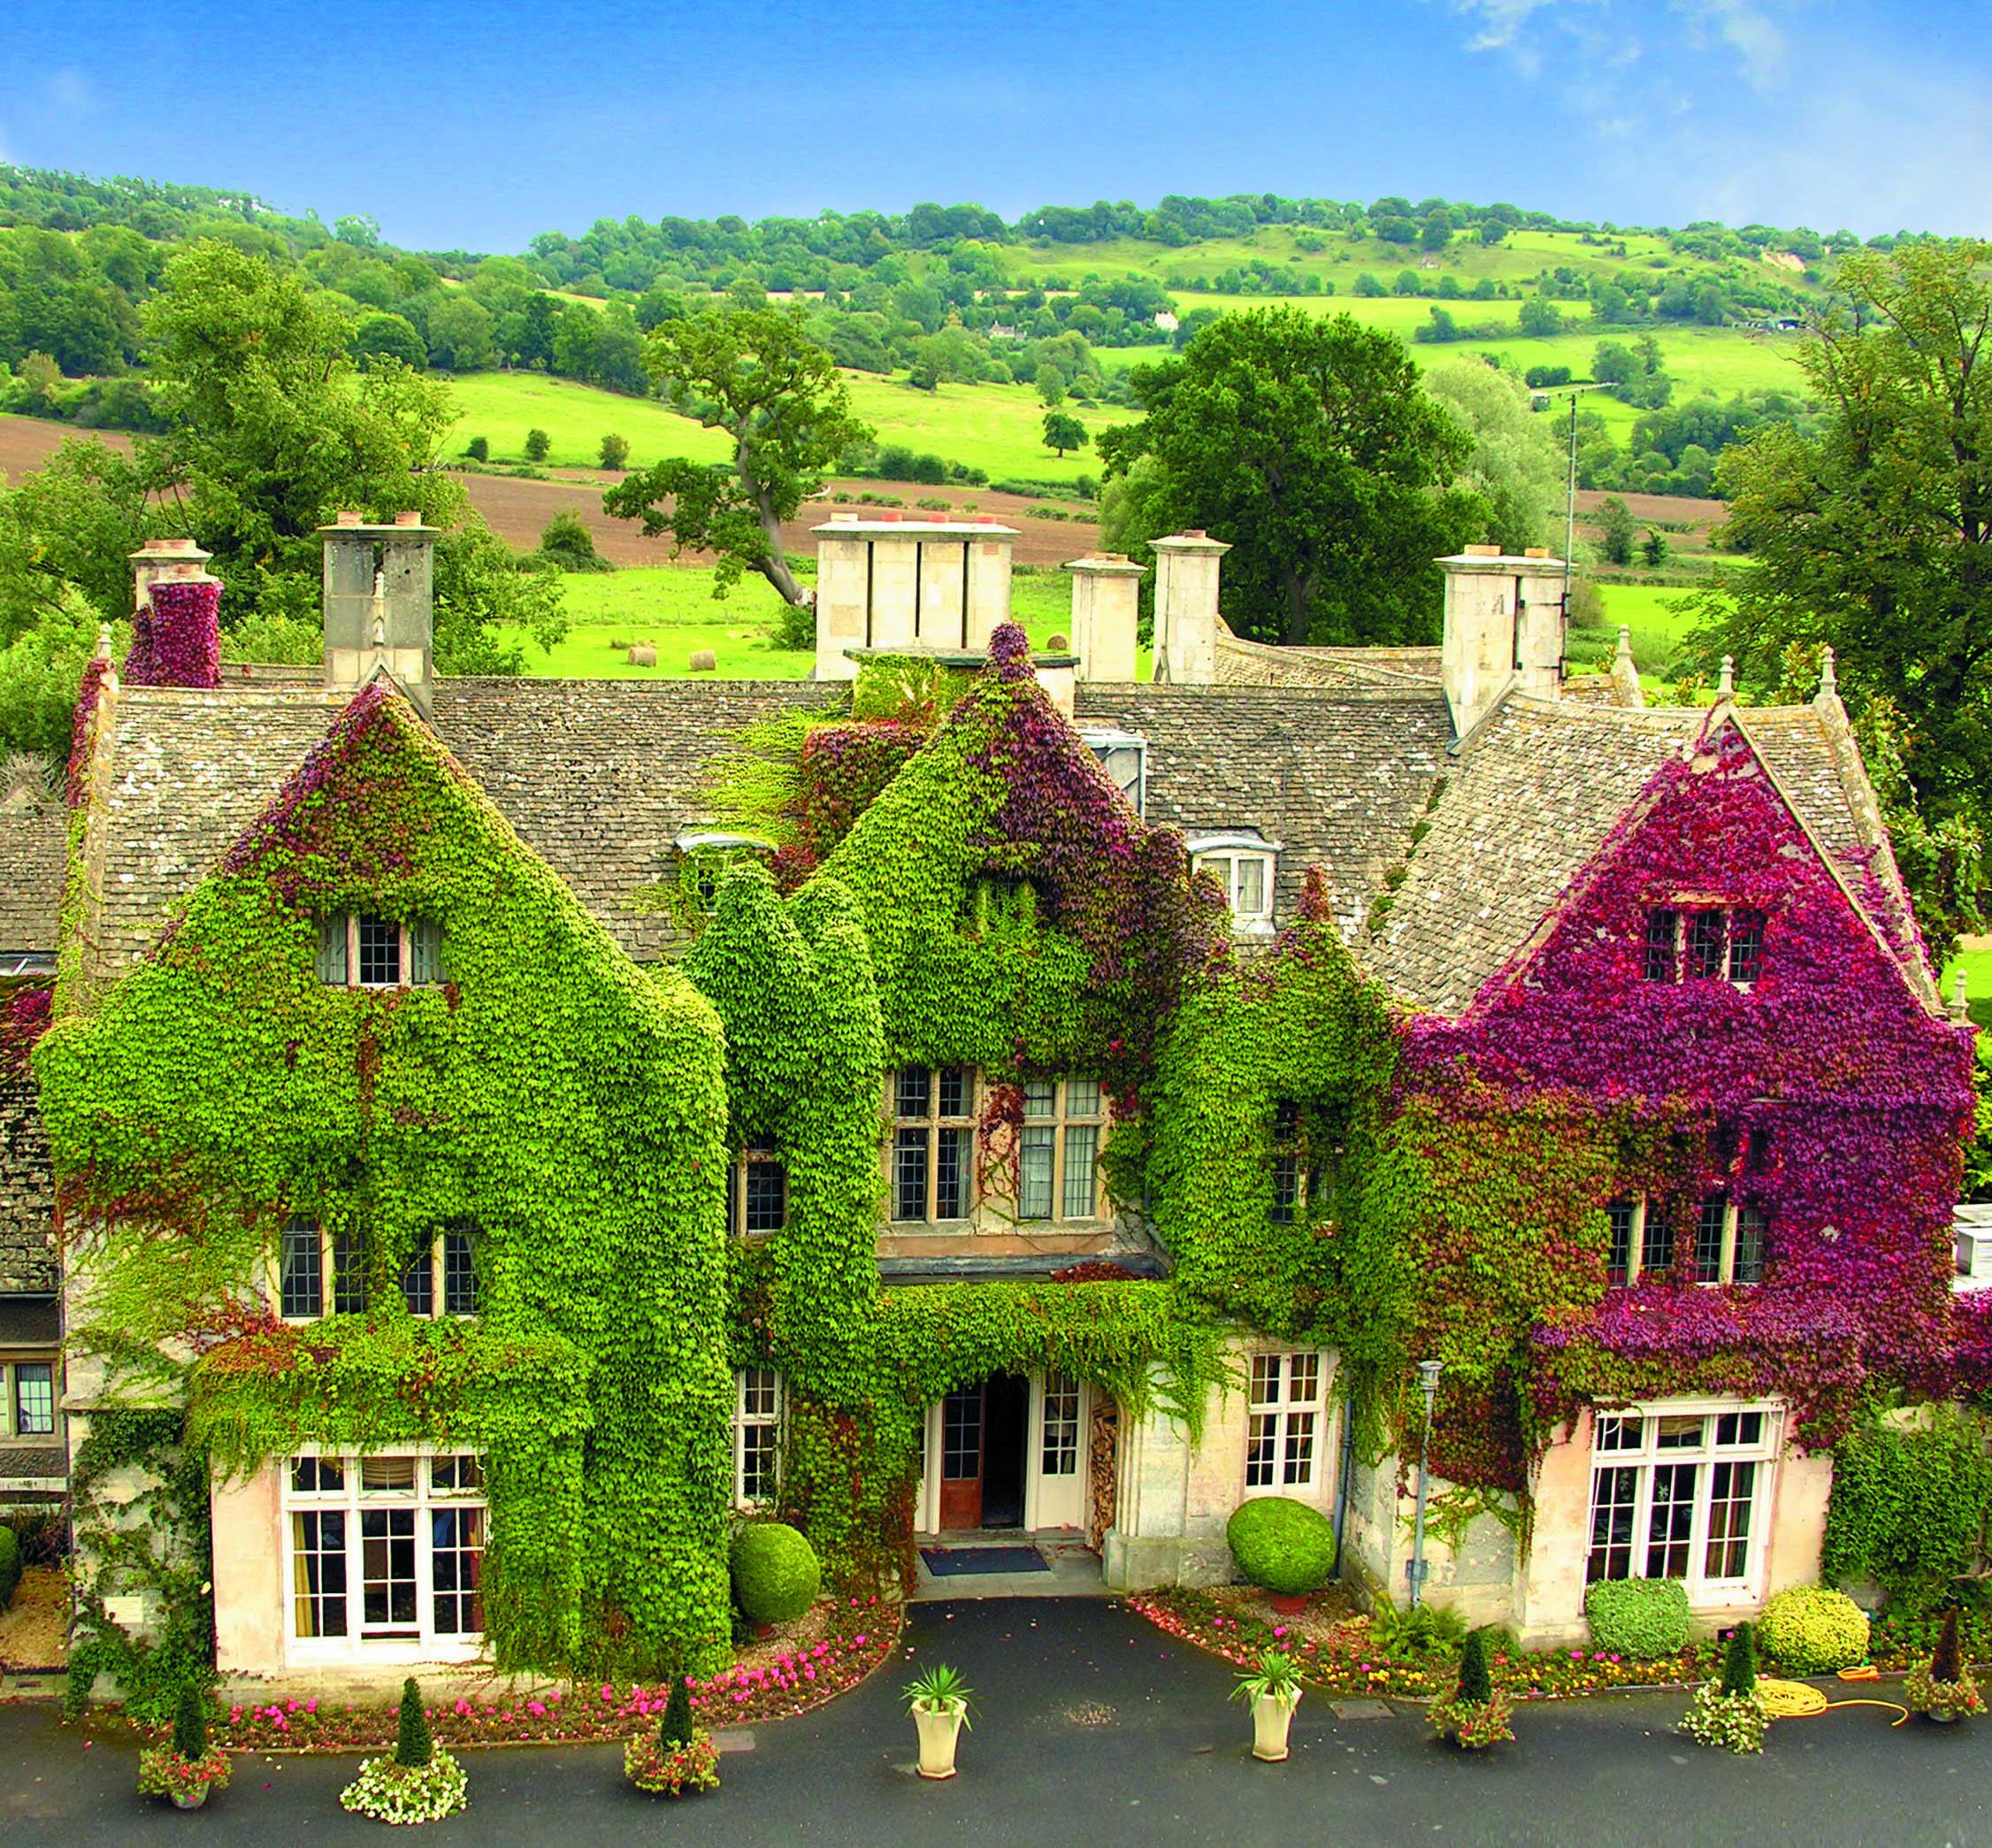 Hotel de lujo Cerca de Cheltenham, Gloucestershire